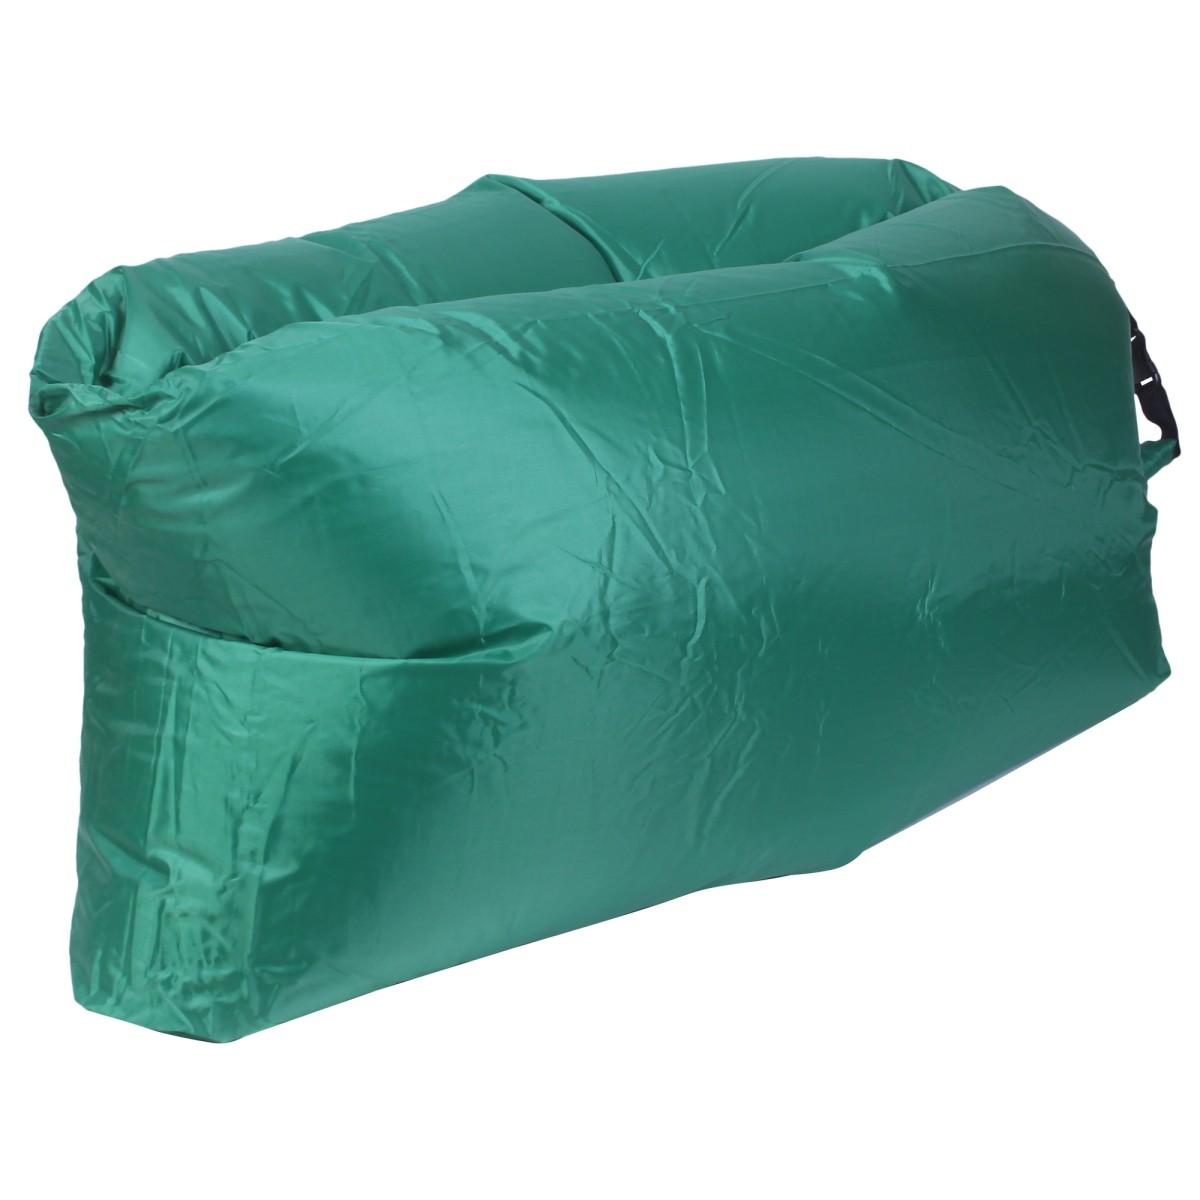 Диван надувной «Long» 220x70 см цвет зеленый